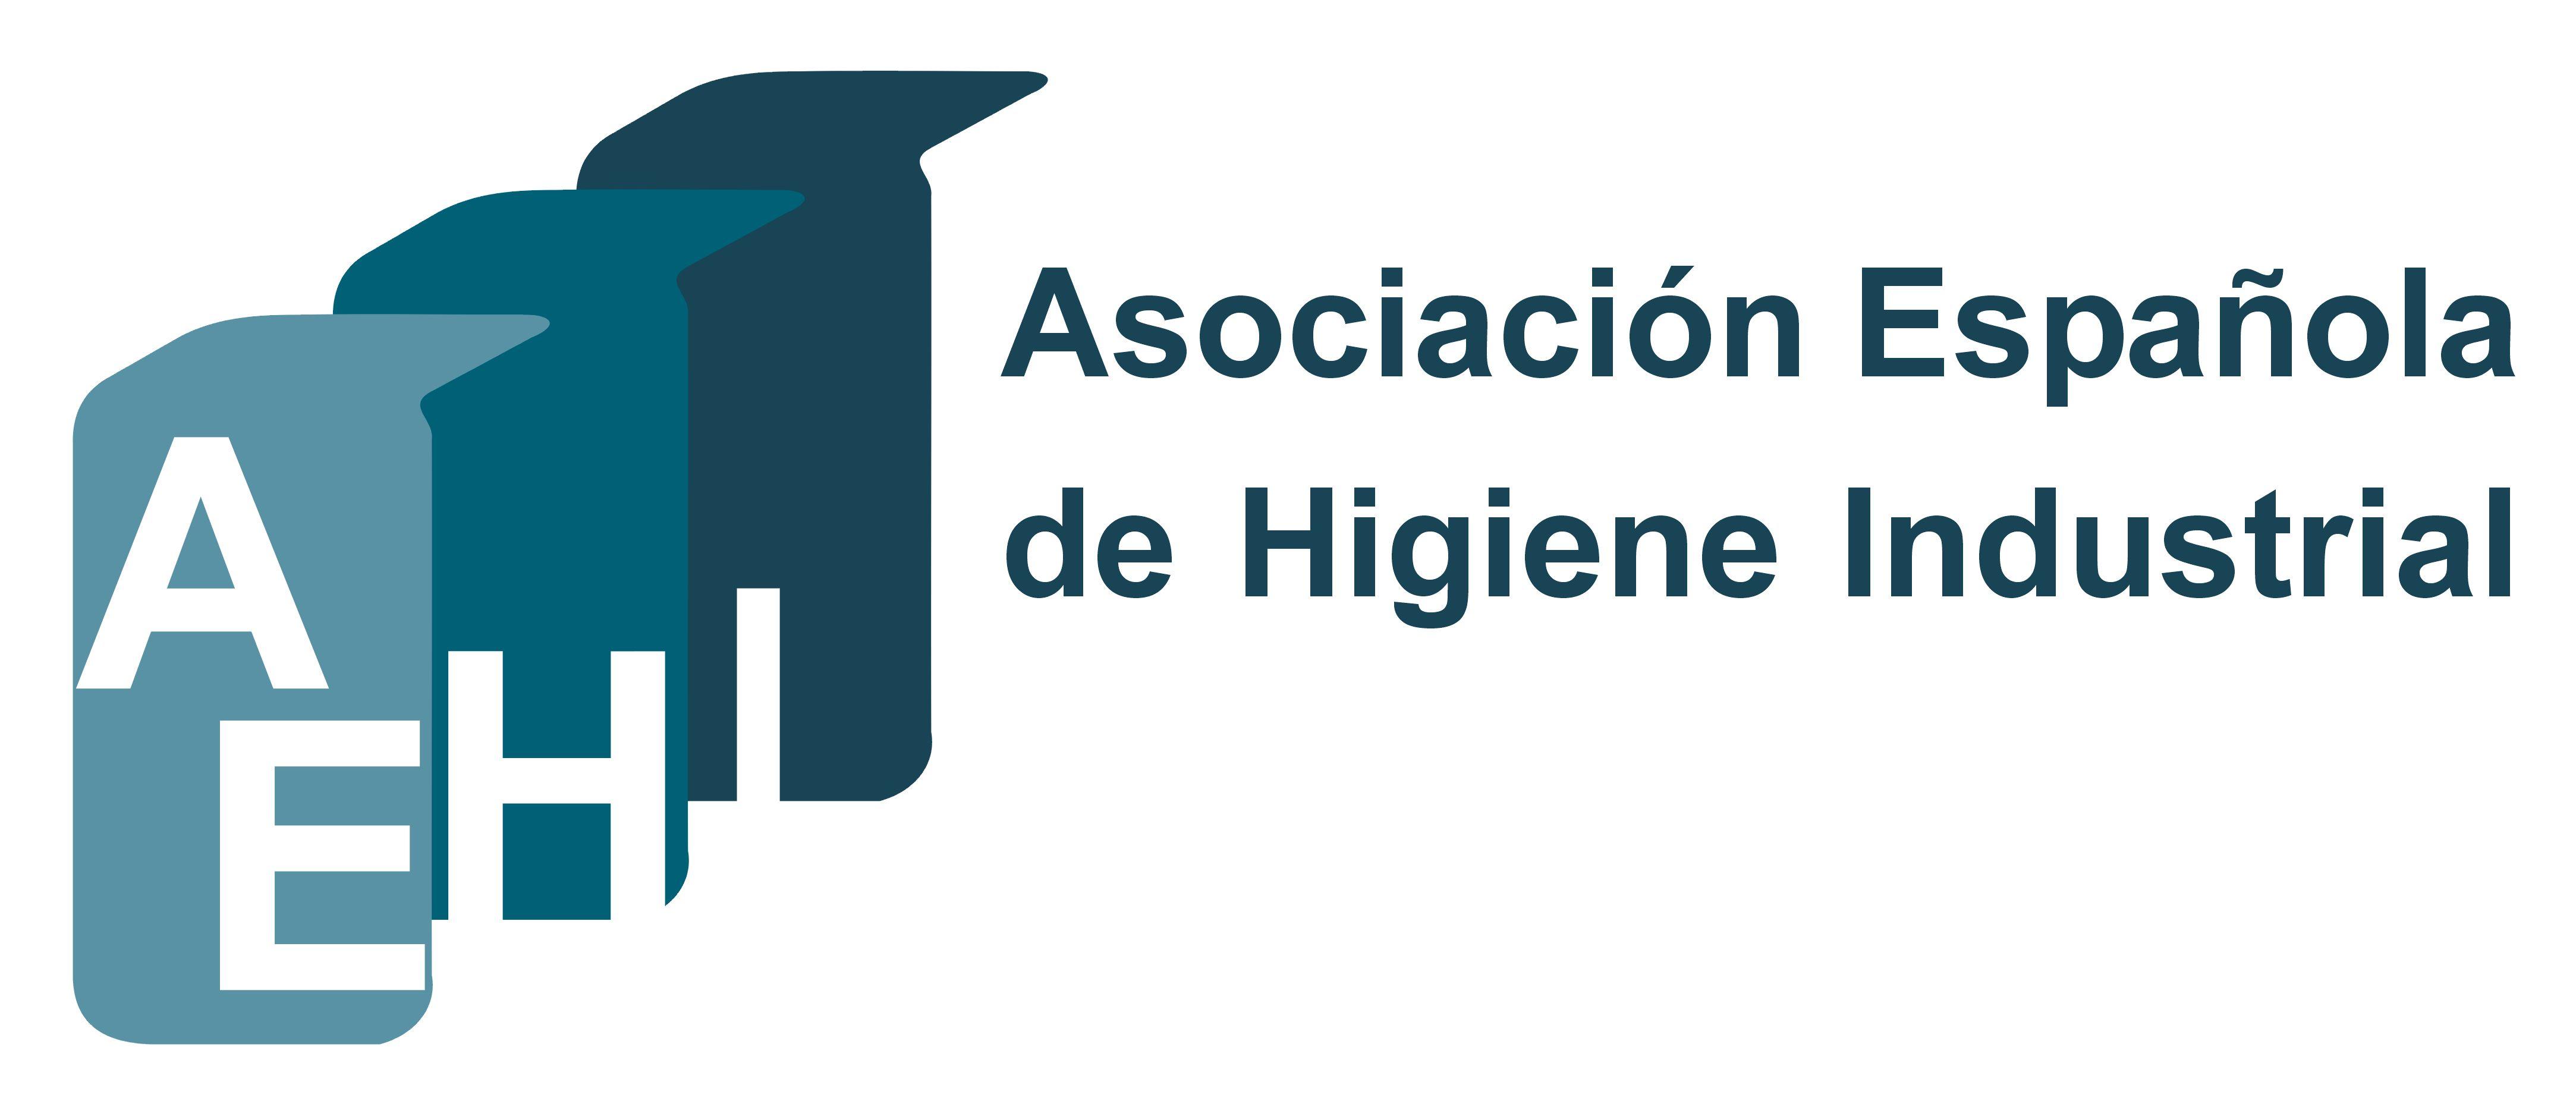 Asociación Española de Higiene Industrial